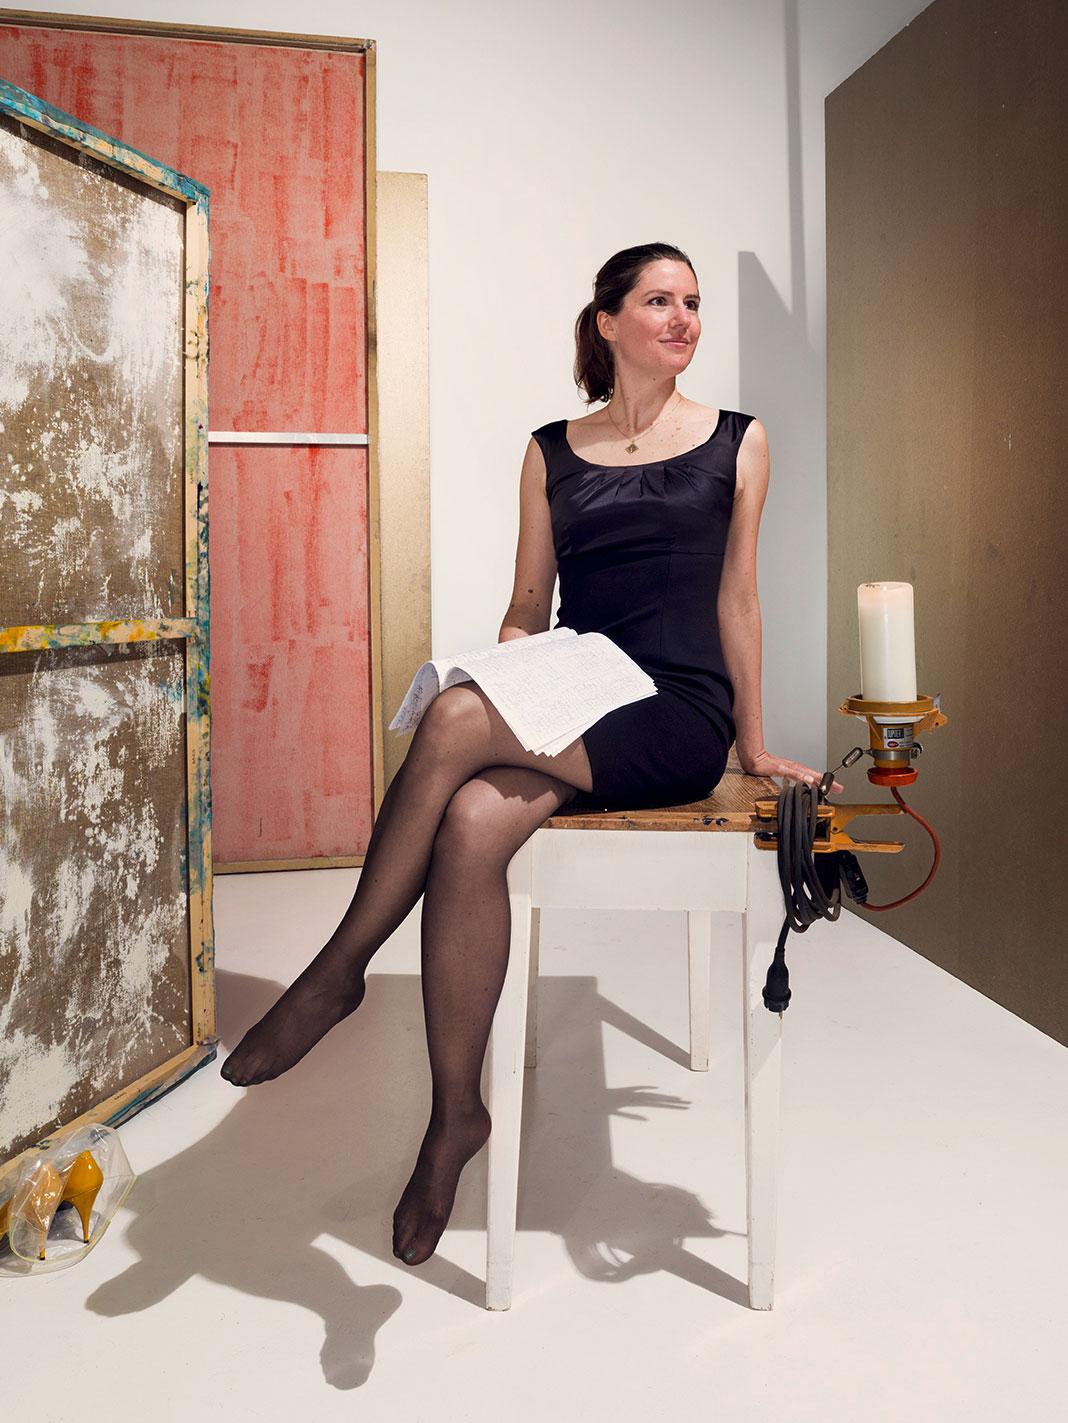 Ingrid Gündisch